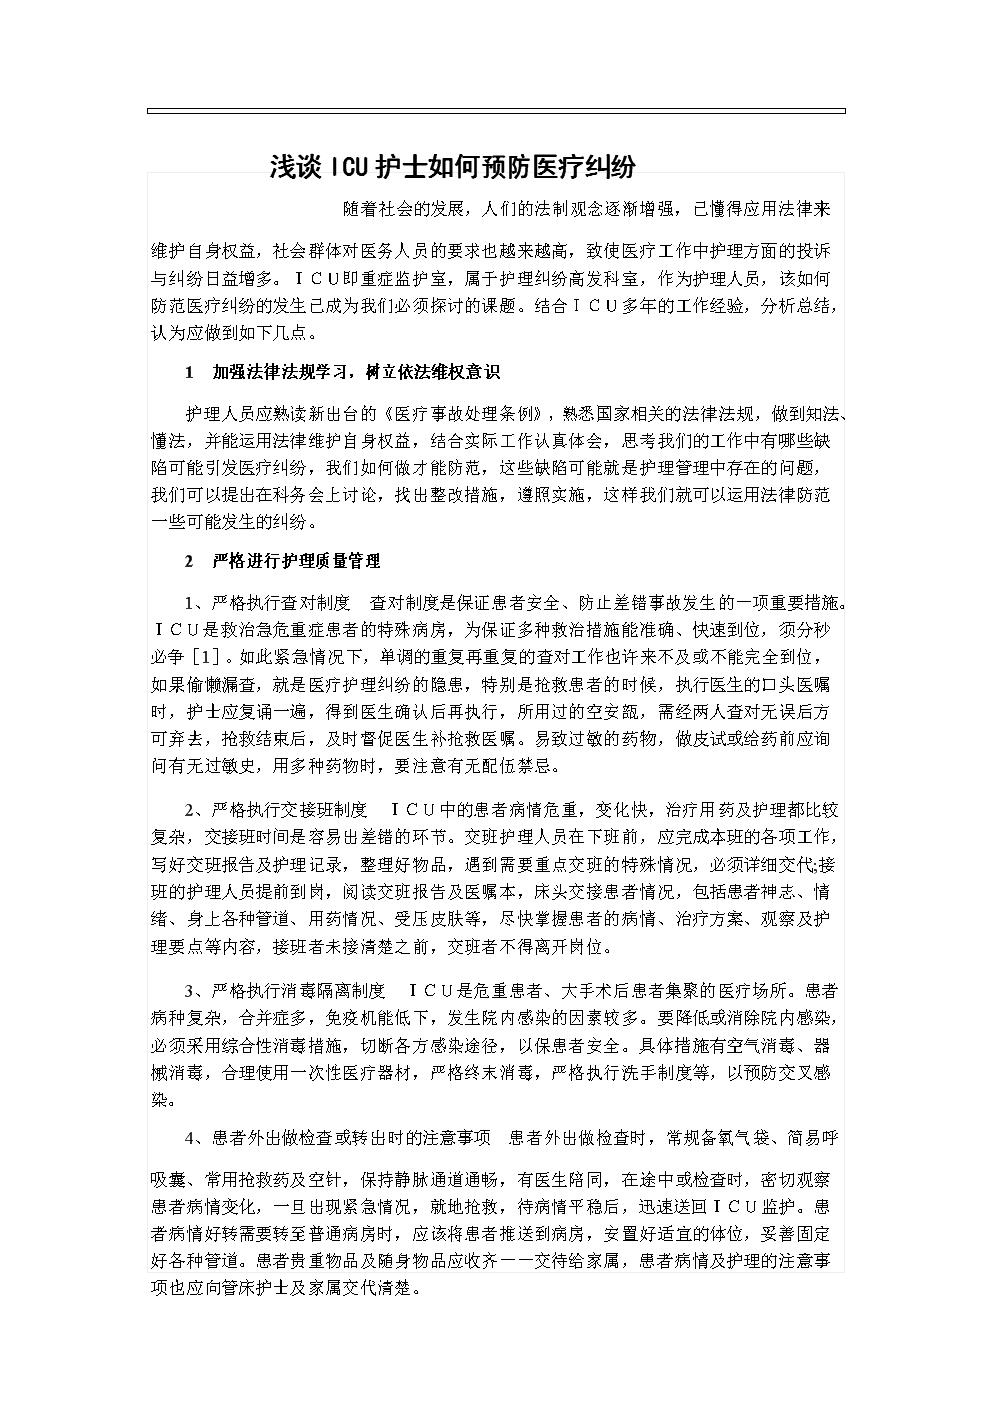 预防医疗纠纷.docx